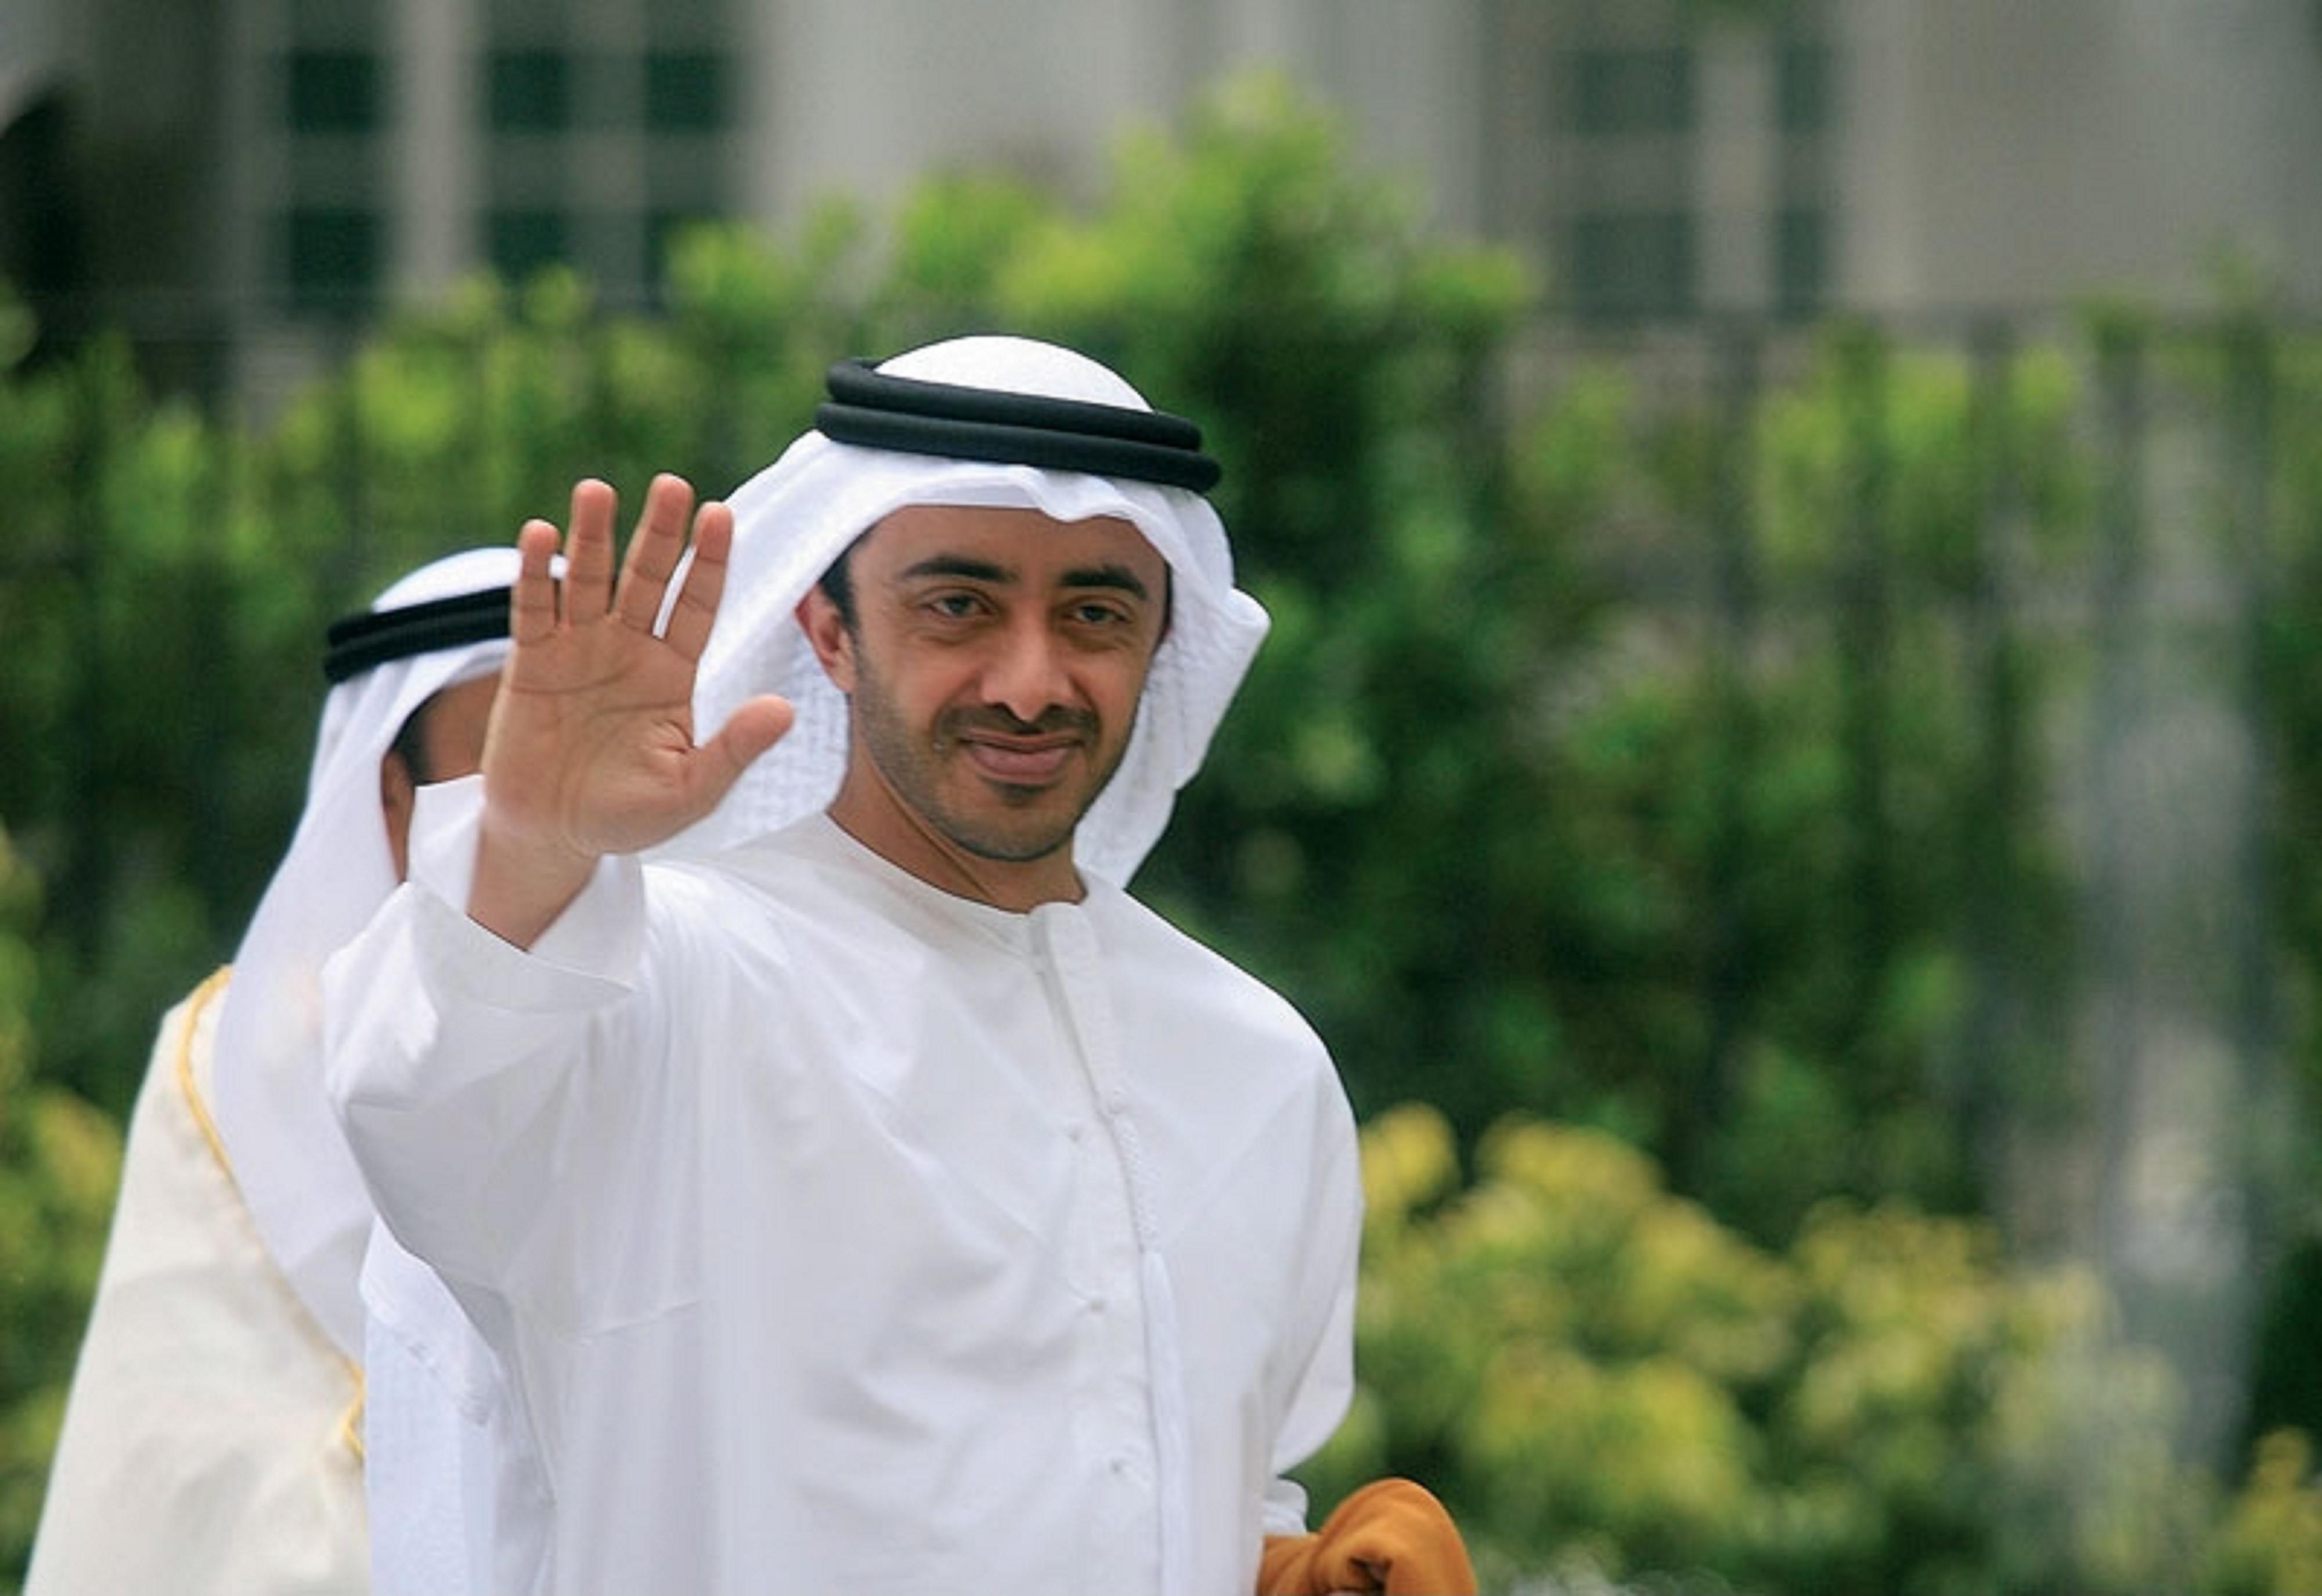 الشيخ عبد الله بن زايد آل نهيان في عمان اليوم